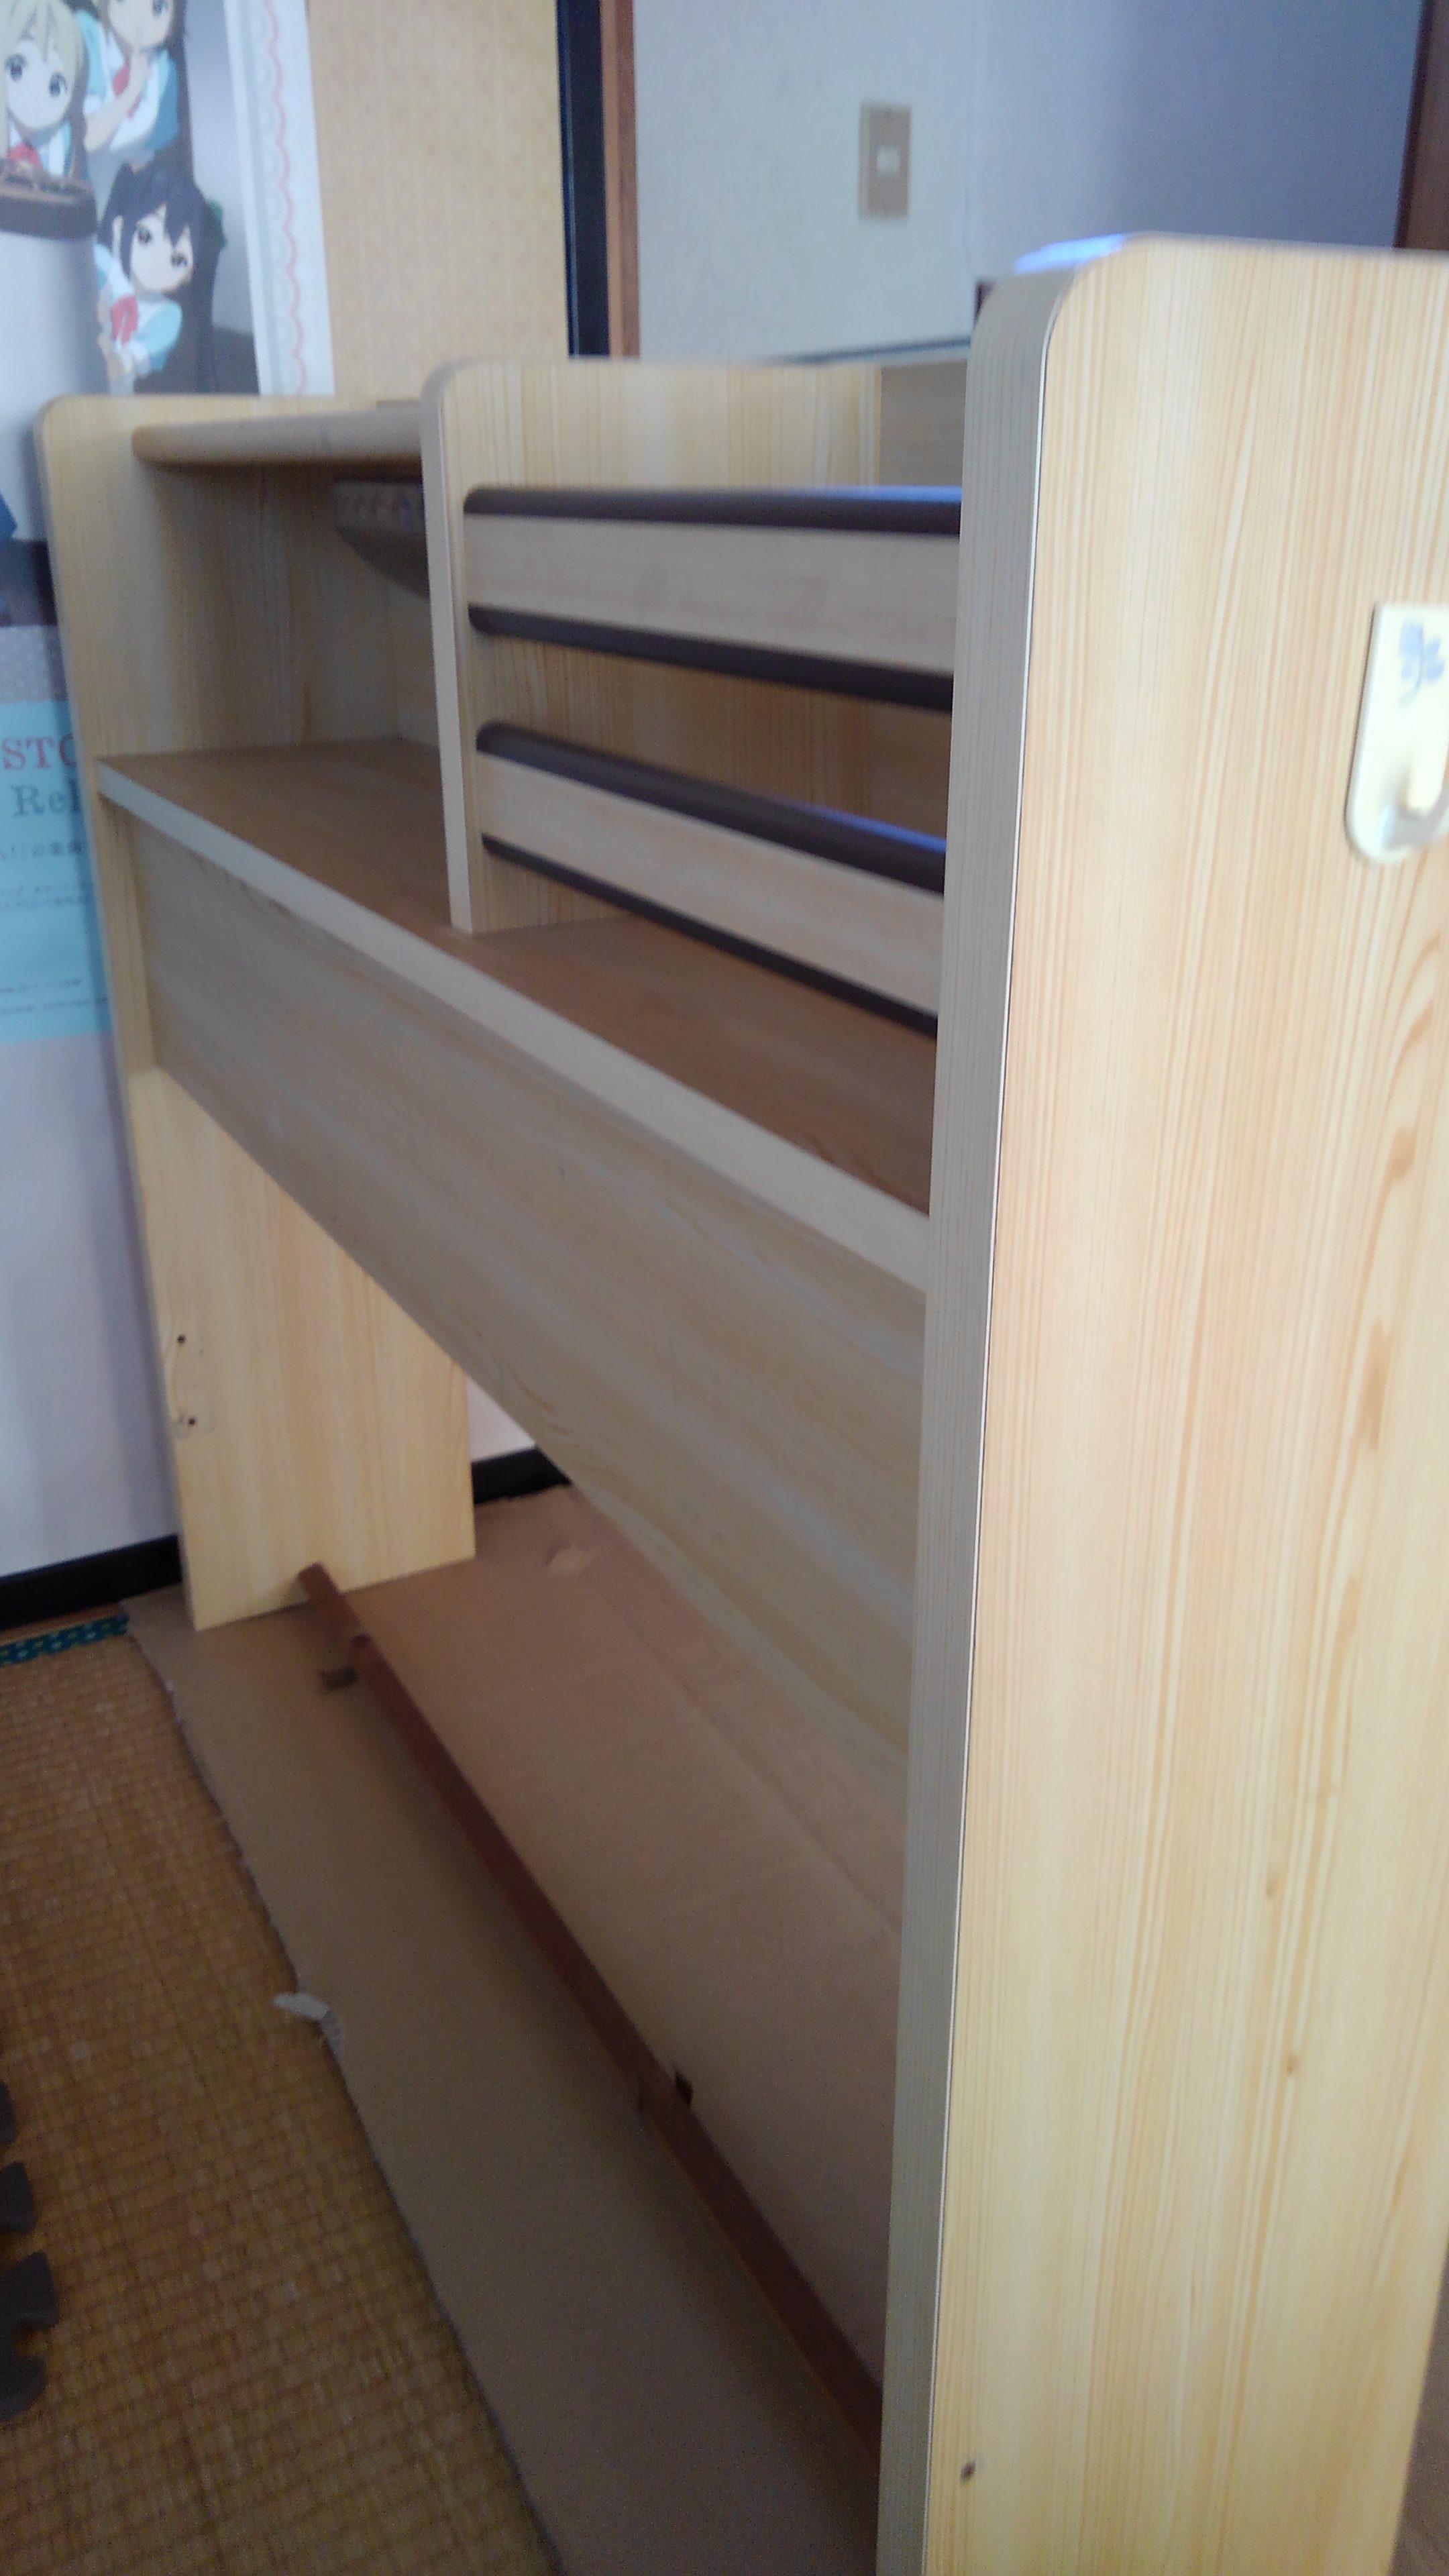 【生坂村】狭い階段からもスムーズに搬出☆柔軟な対応にご満足いただけました。